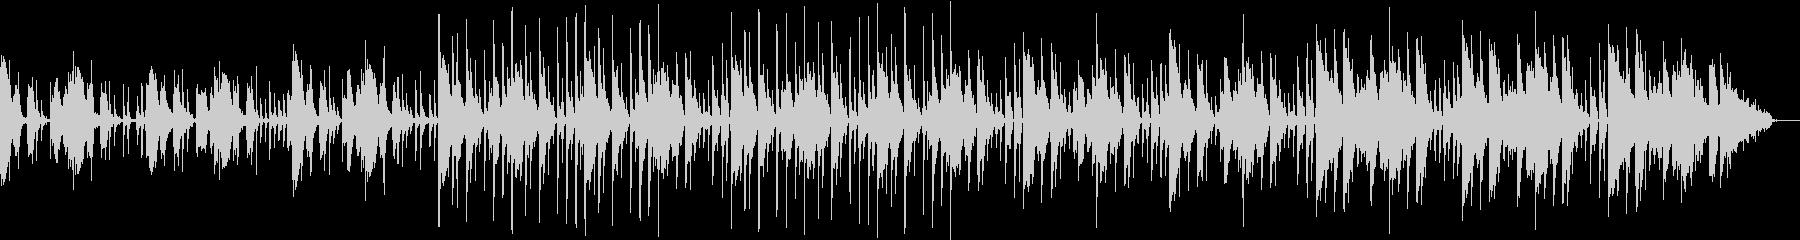 クイズ番組の考え中・・・のような音の未再生の波形